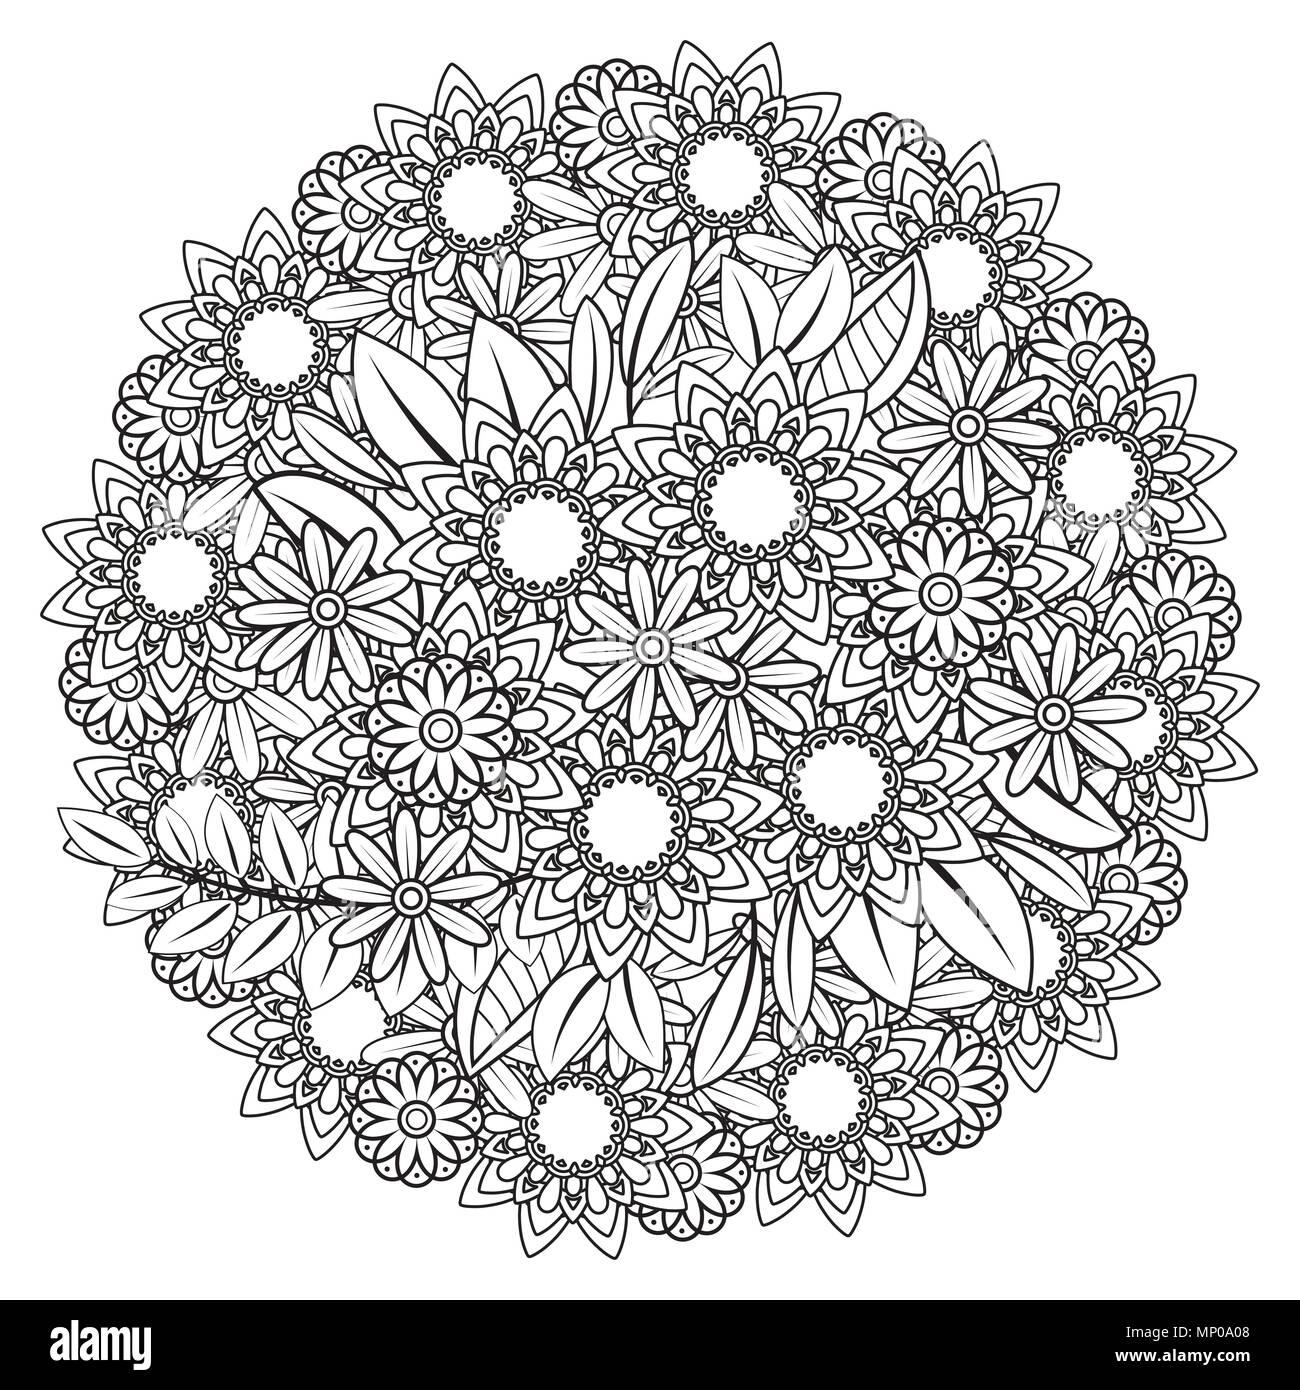 Página para colorear de adultos con patrón de flores. Corona el ...